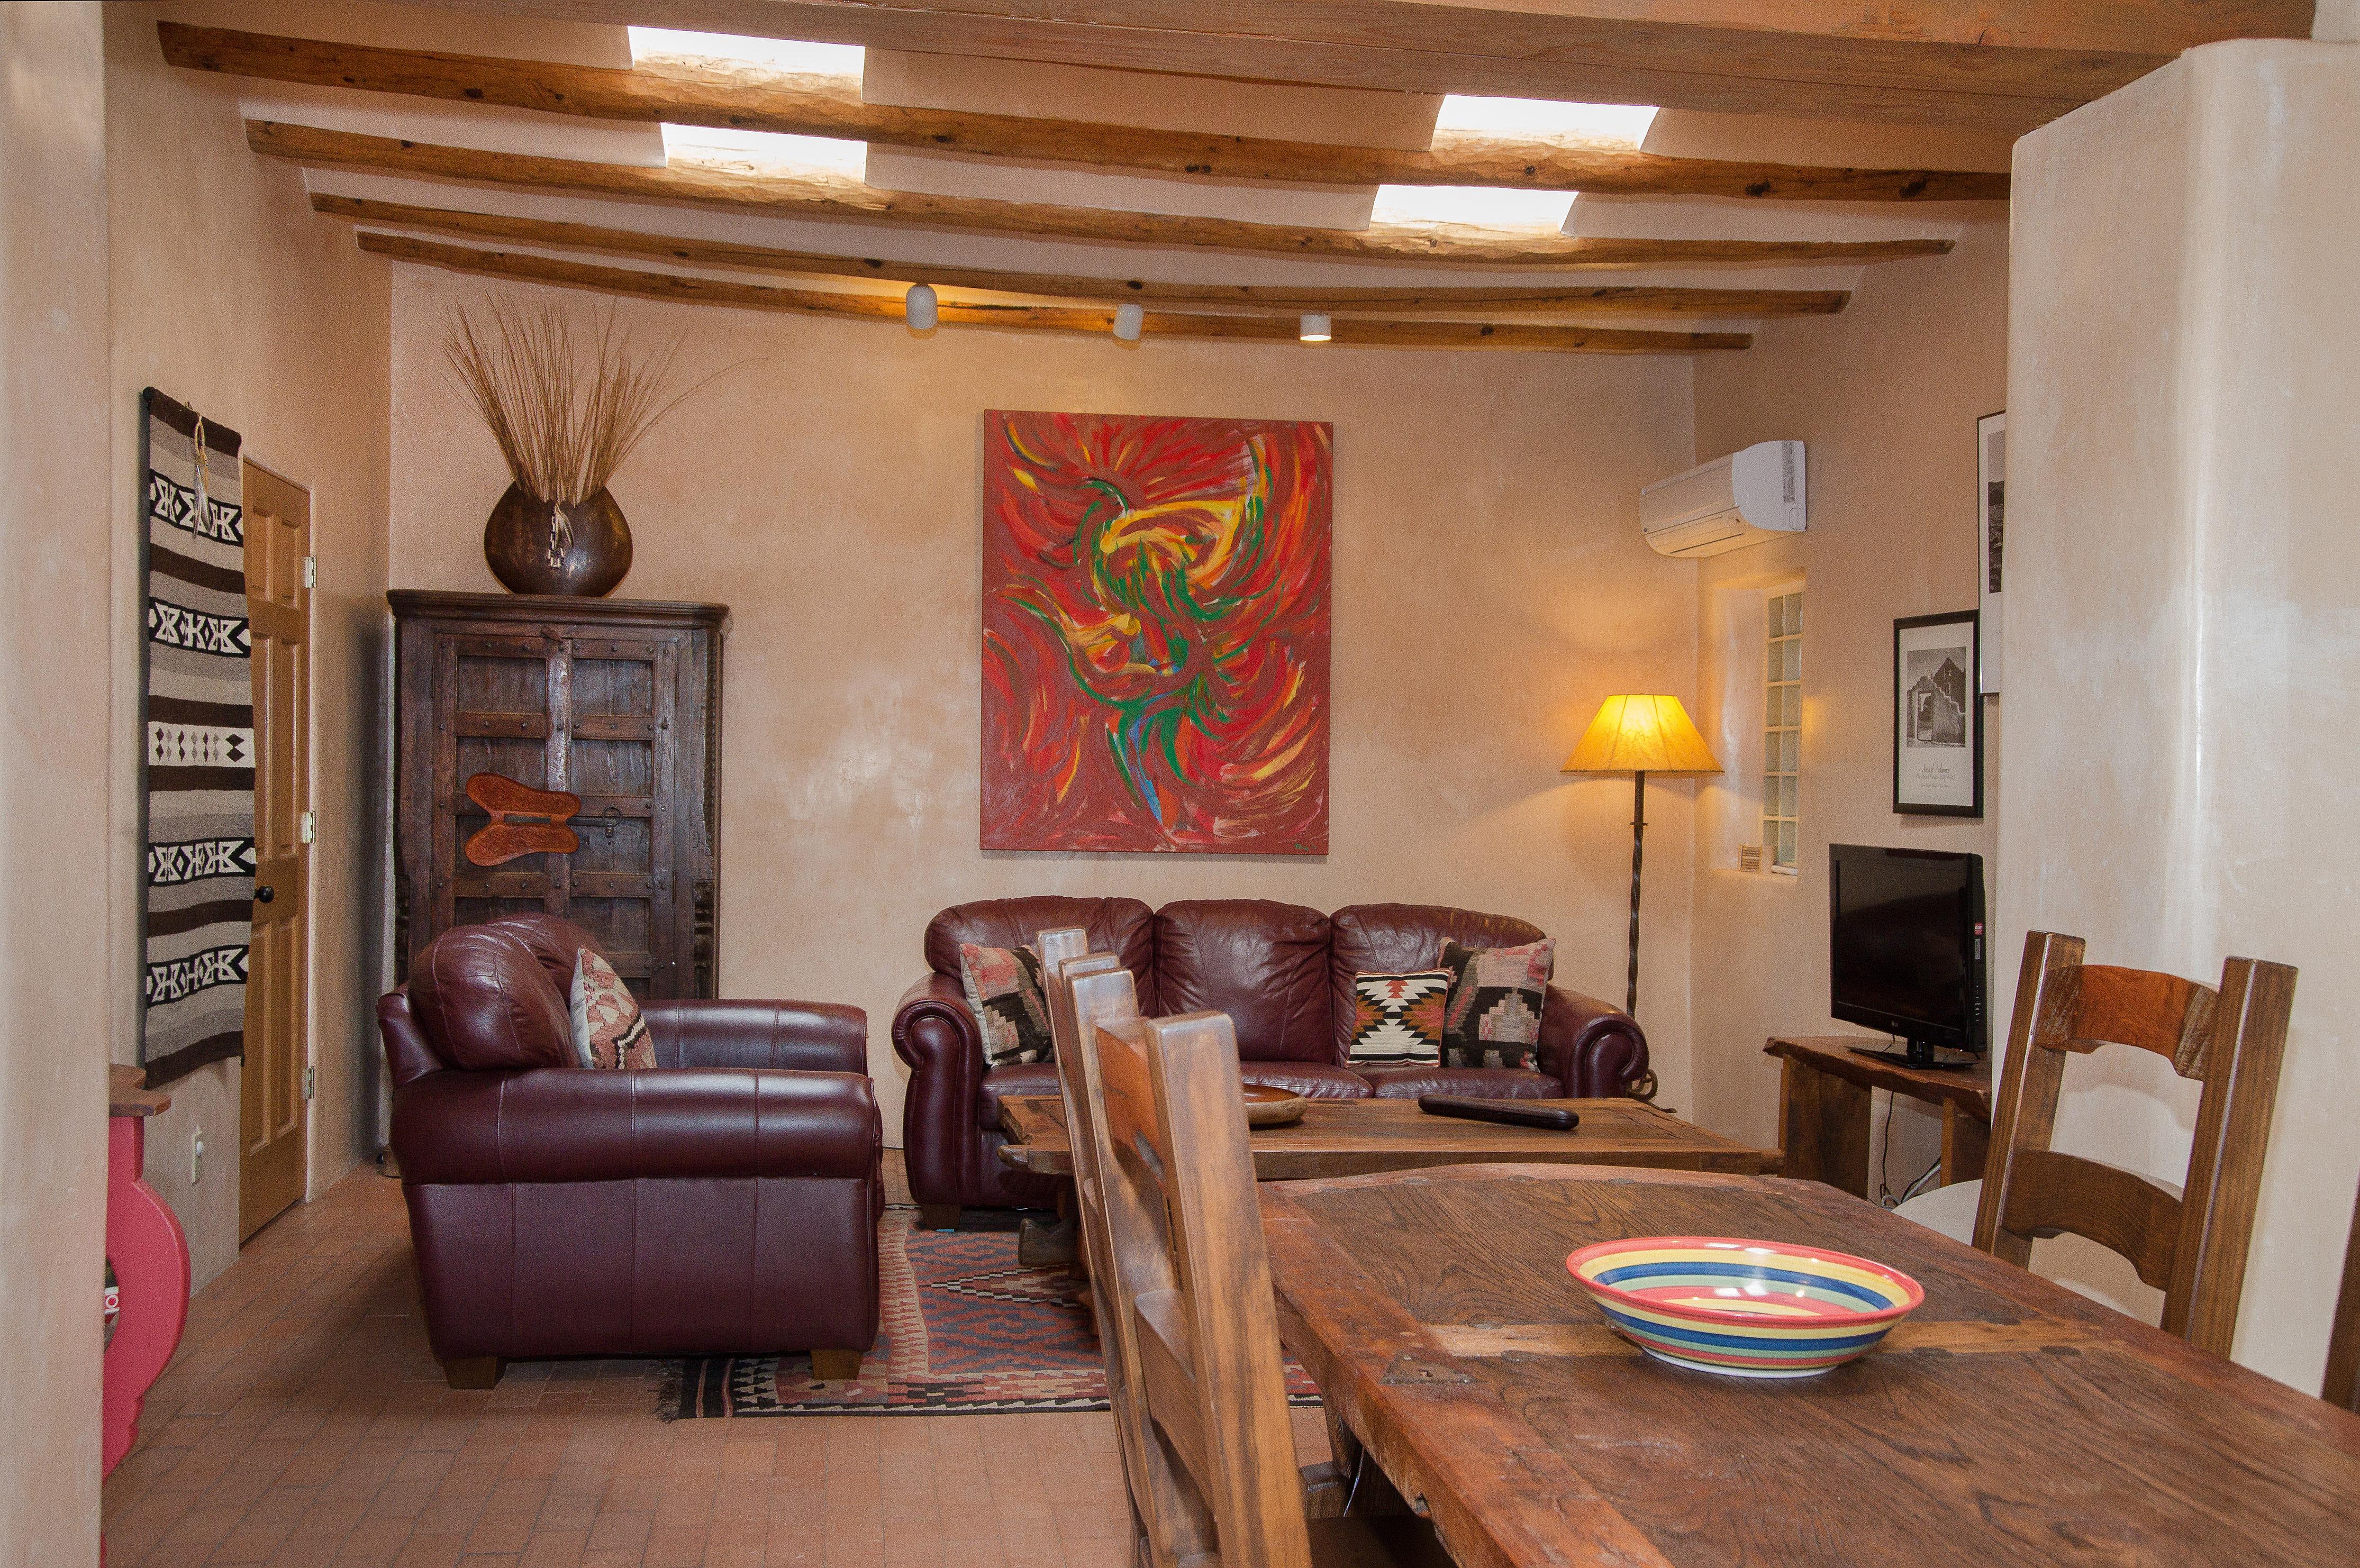 Casa Colibri  Two Bedroom Two Bath Authentic Adobe Home  Walk - Adobe home design